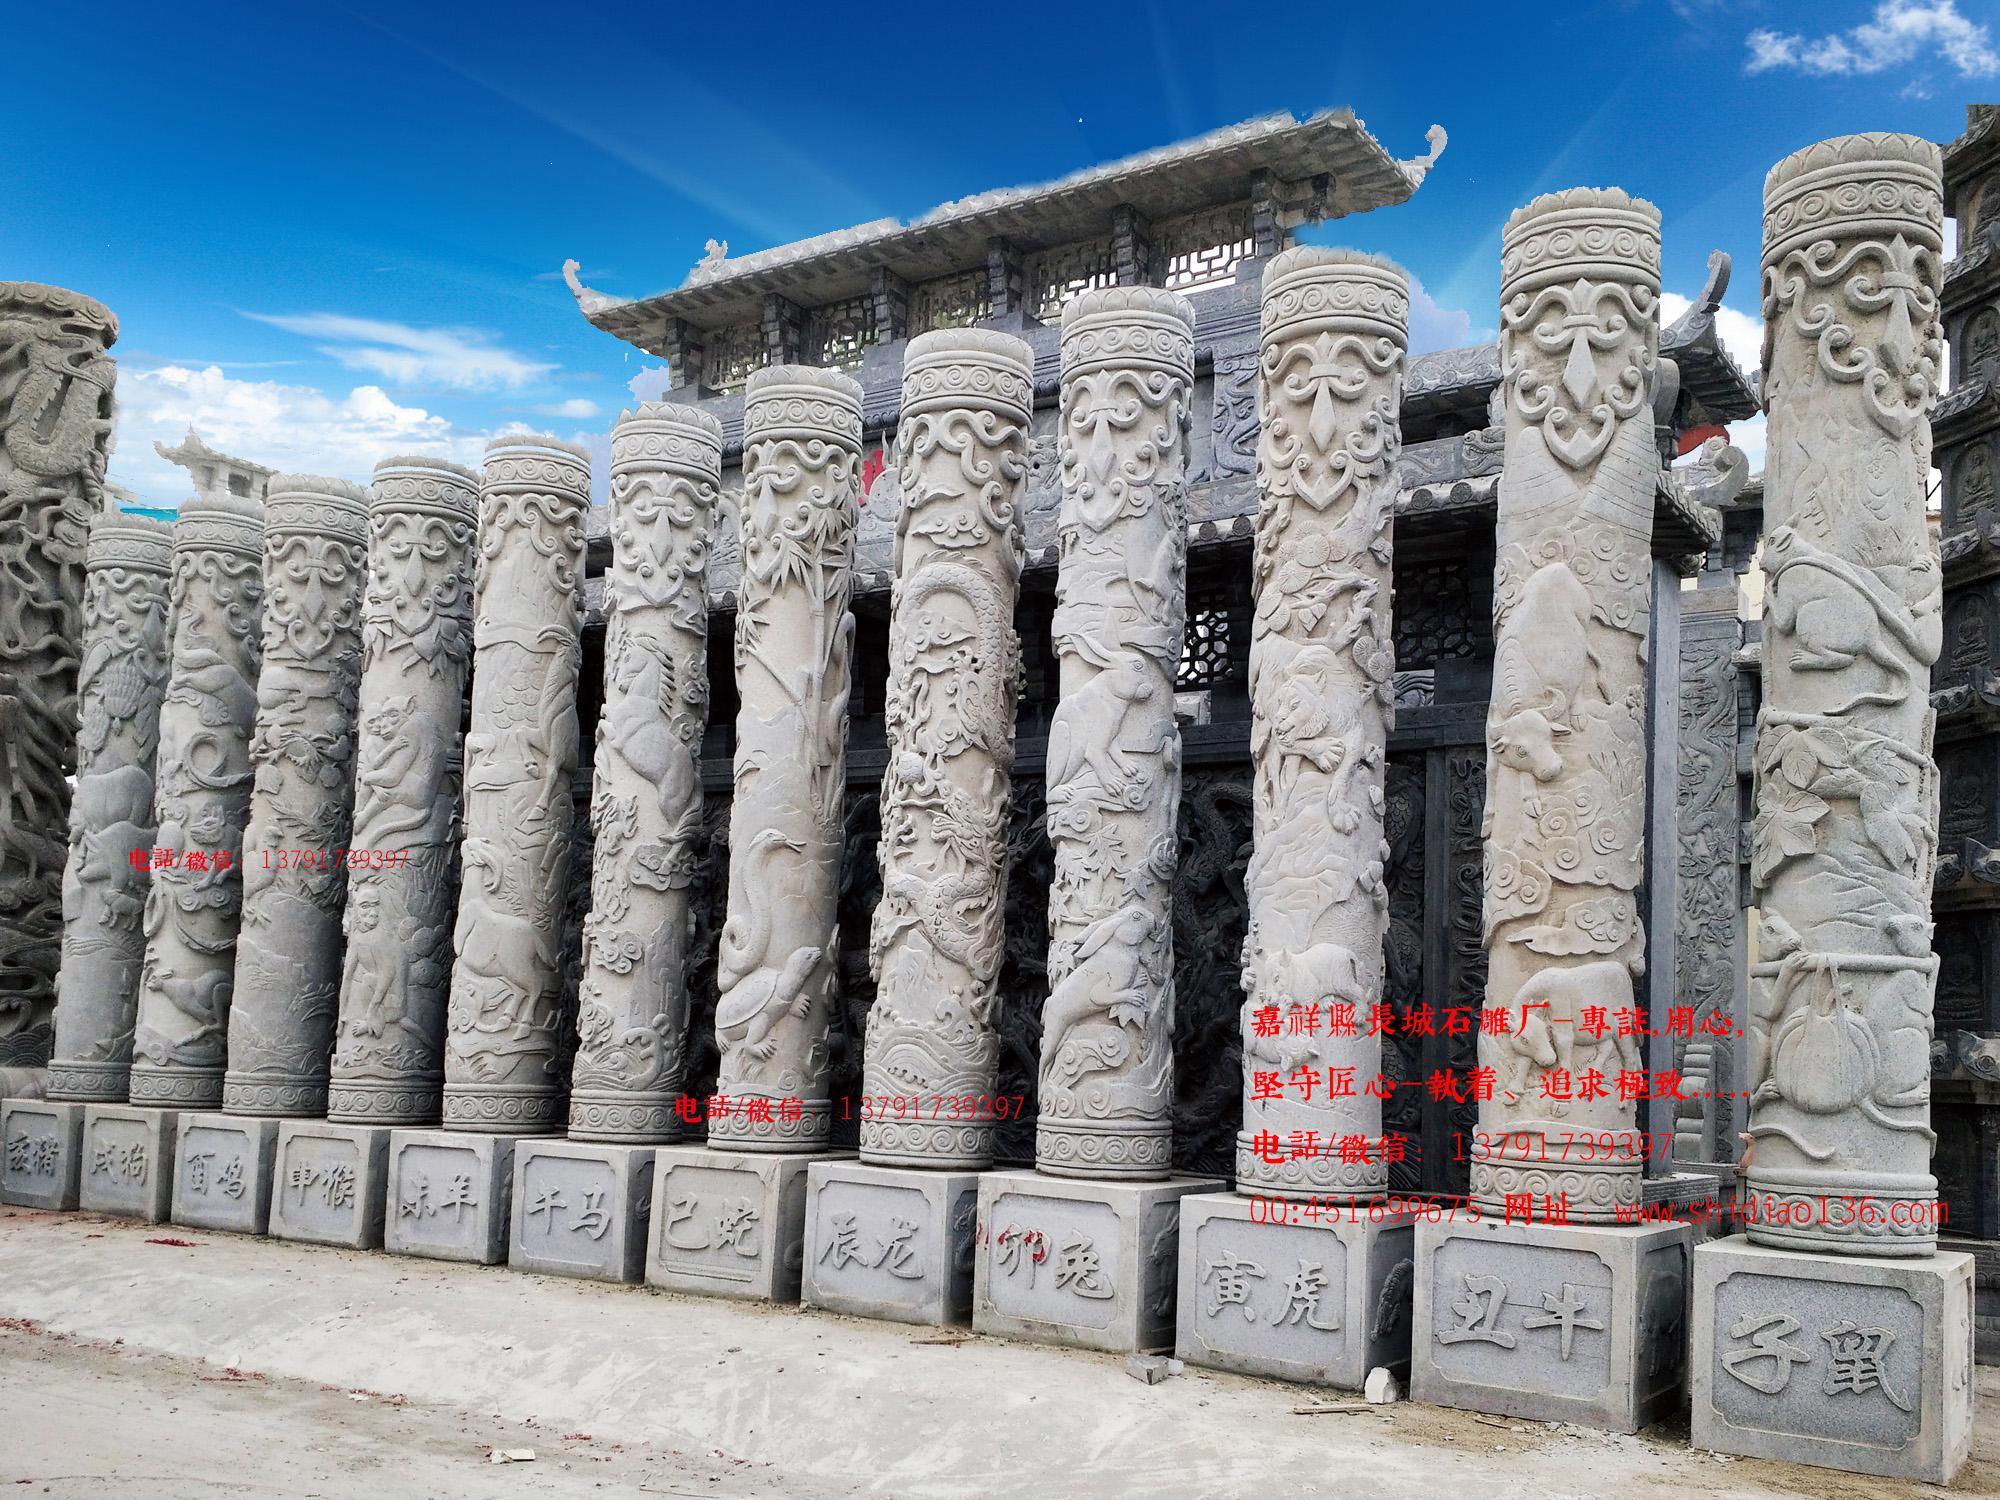 十二生肖柱子雕刻图片